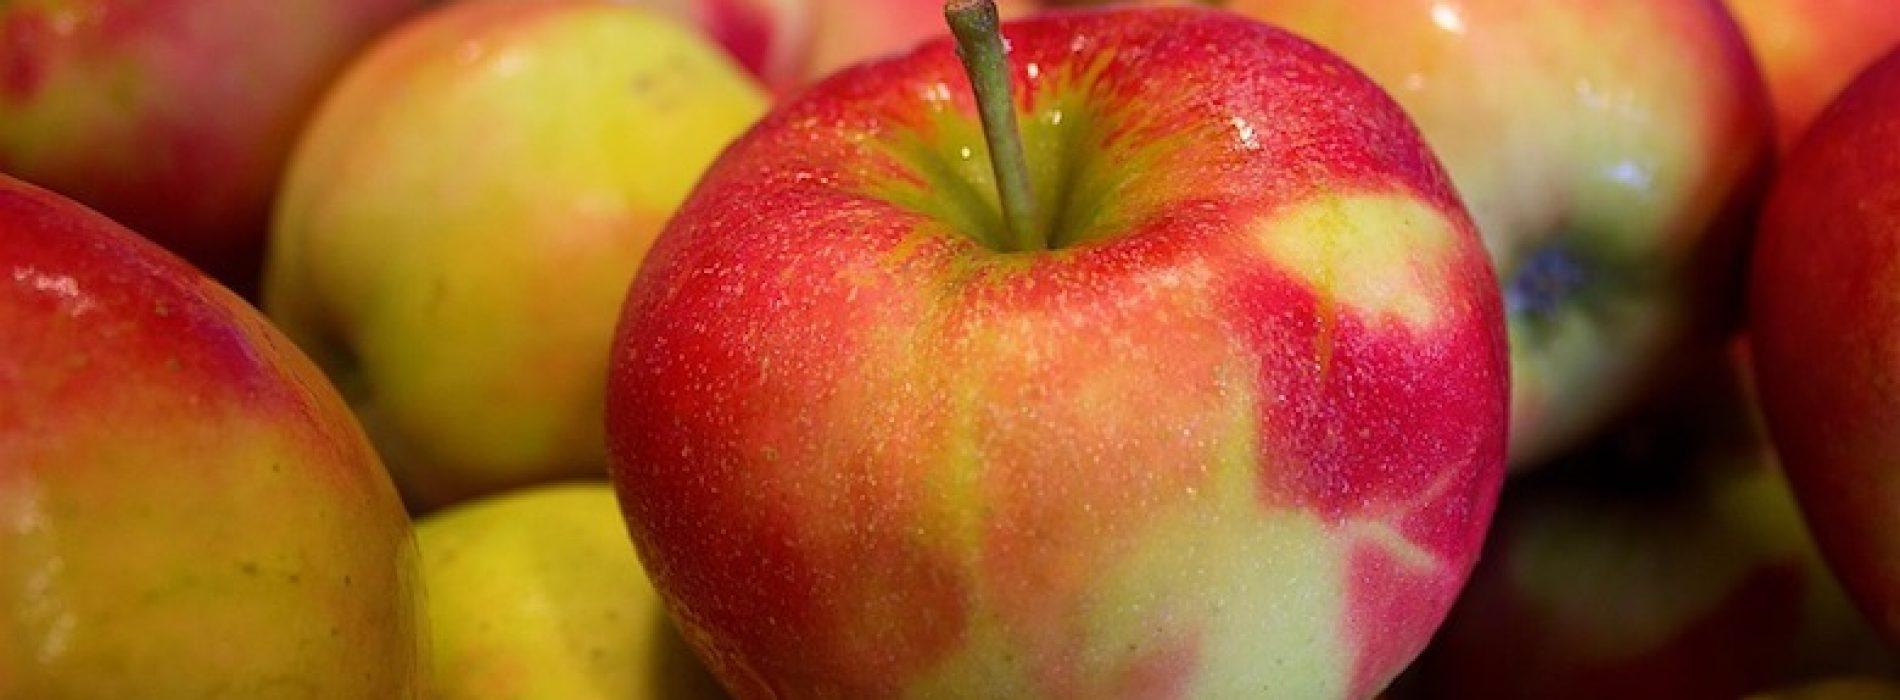 Dit zijn de redenen waarom je een appel ALTIJD met schil zou moeten eten!